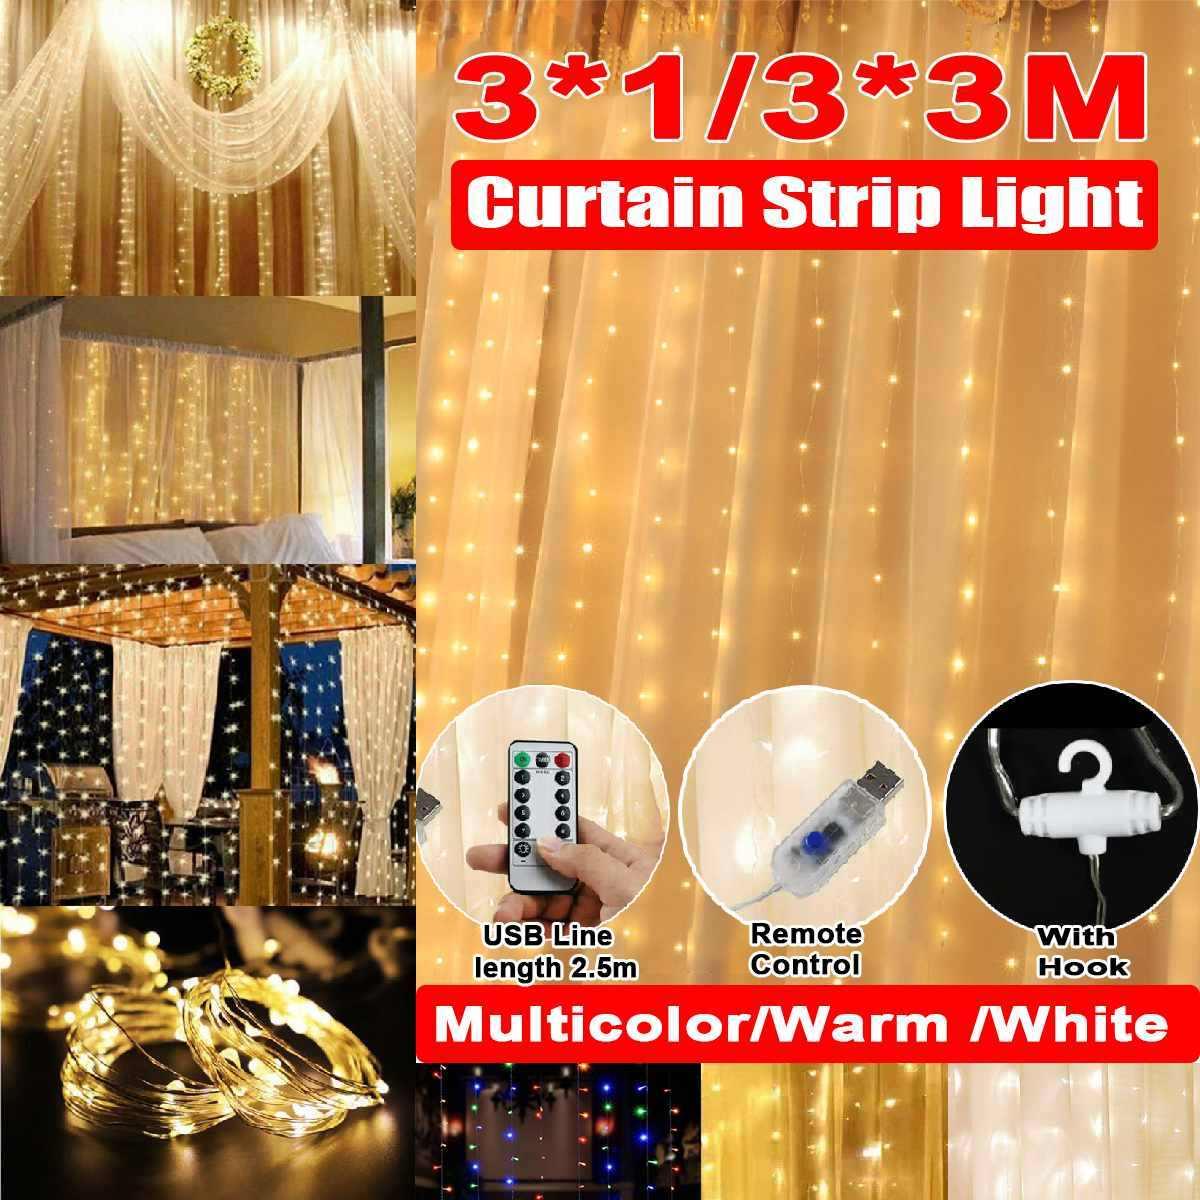 3m x 1 متر/3 متر x 3 متر USB شريط إضاءة ليد ضوء سلسلة الأسلاك النحاسية عيد الميلاد ضوء ل جارلاند عطلة الجنية حفل زفاف الديكور